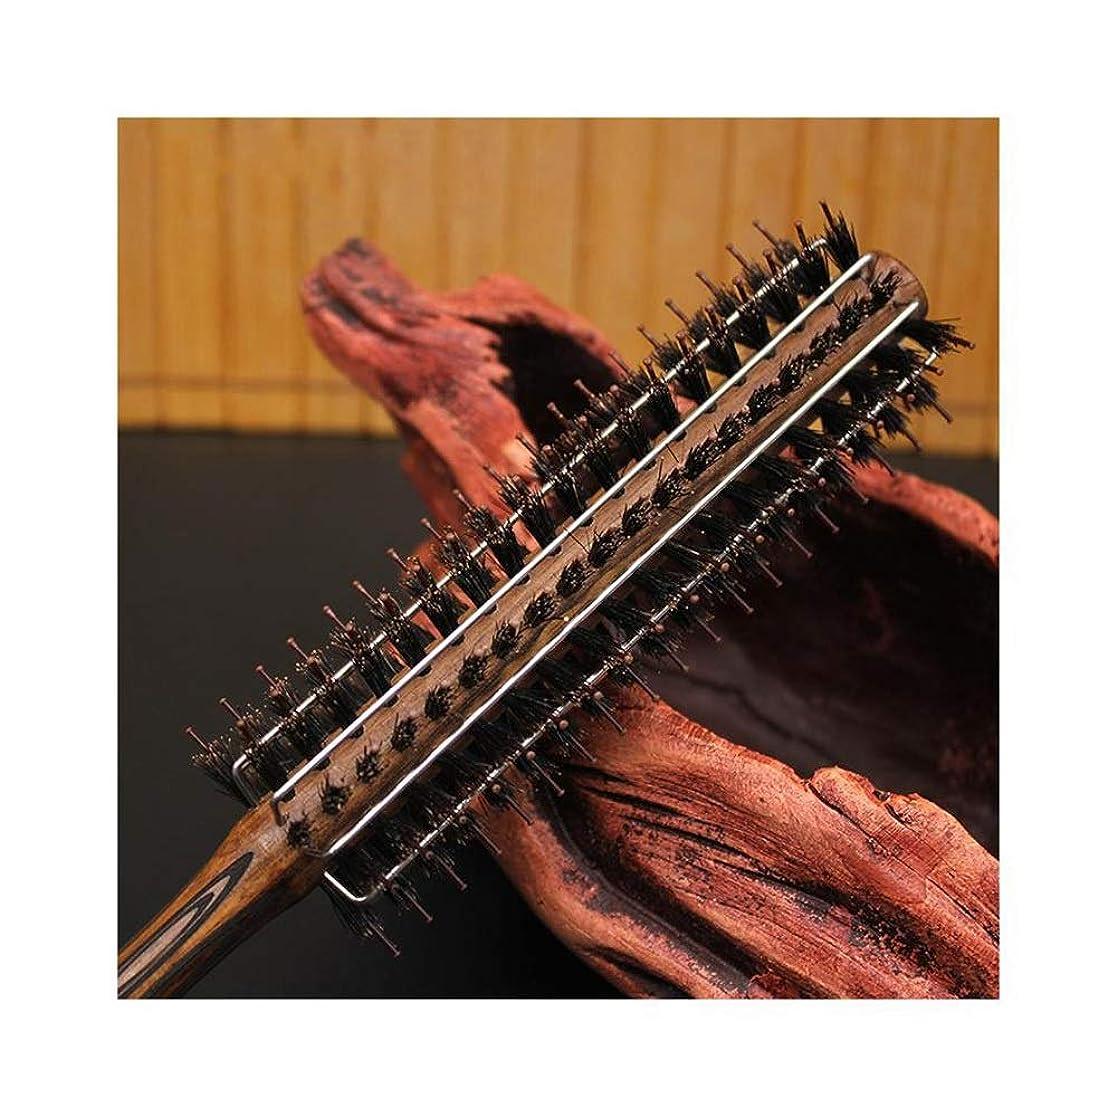 食器棚中毒相対性理論ZYDP 女性の男性のための巻き毛の櫛理髪カーリングブラシアイアンコーム (サイズ : S)